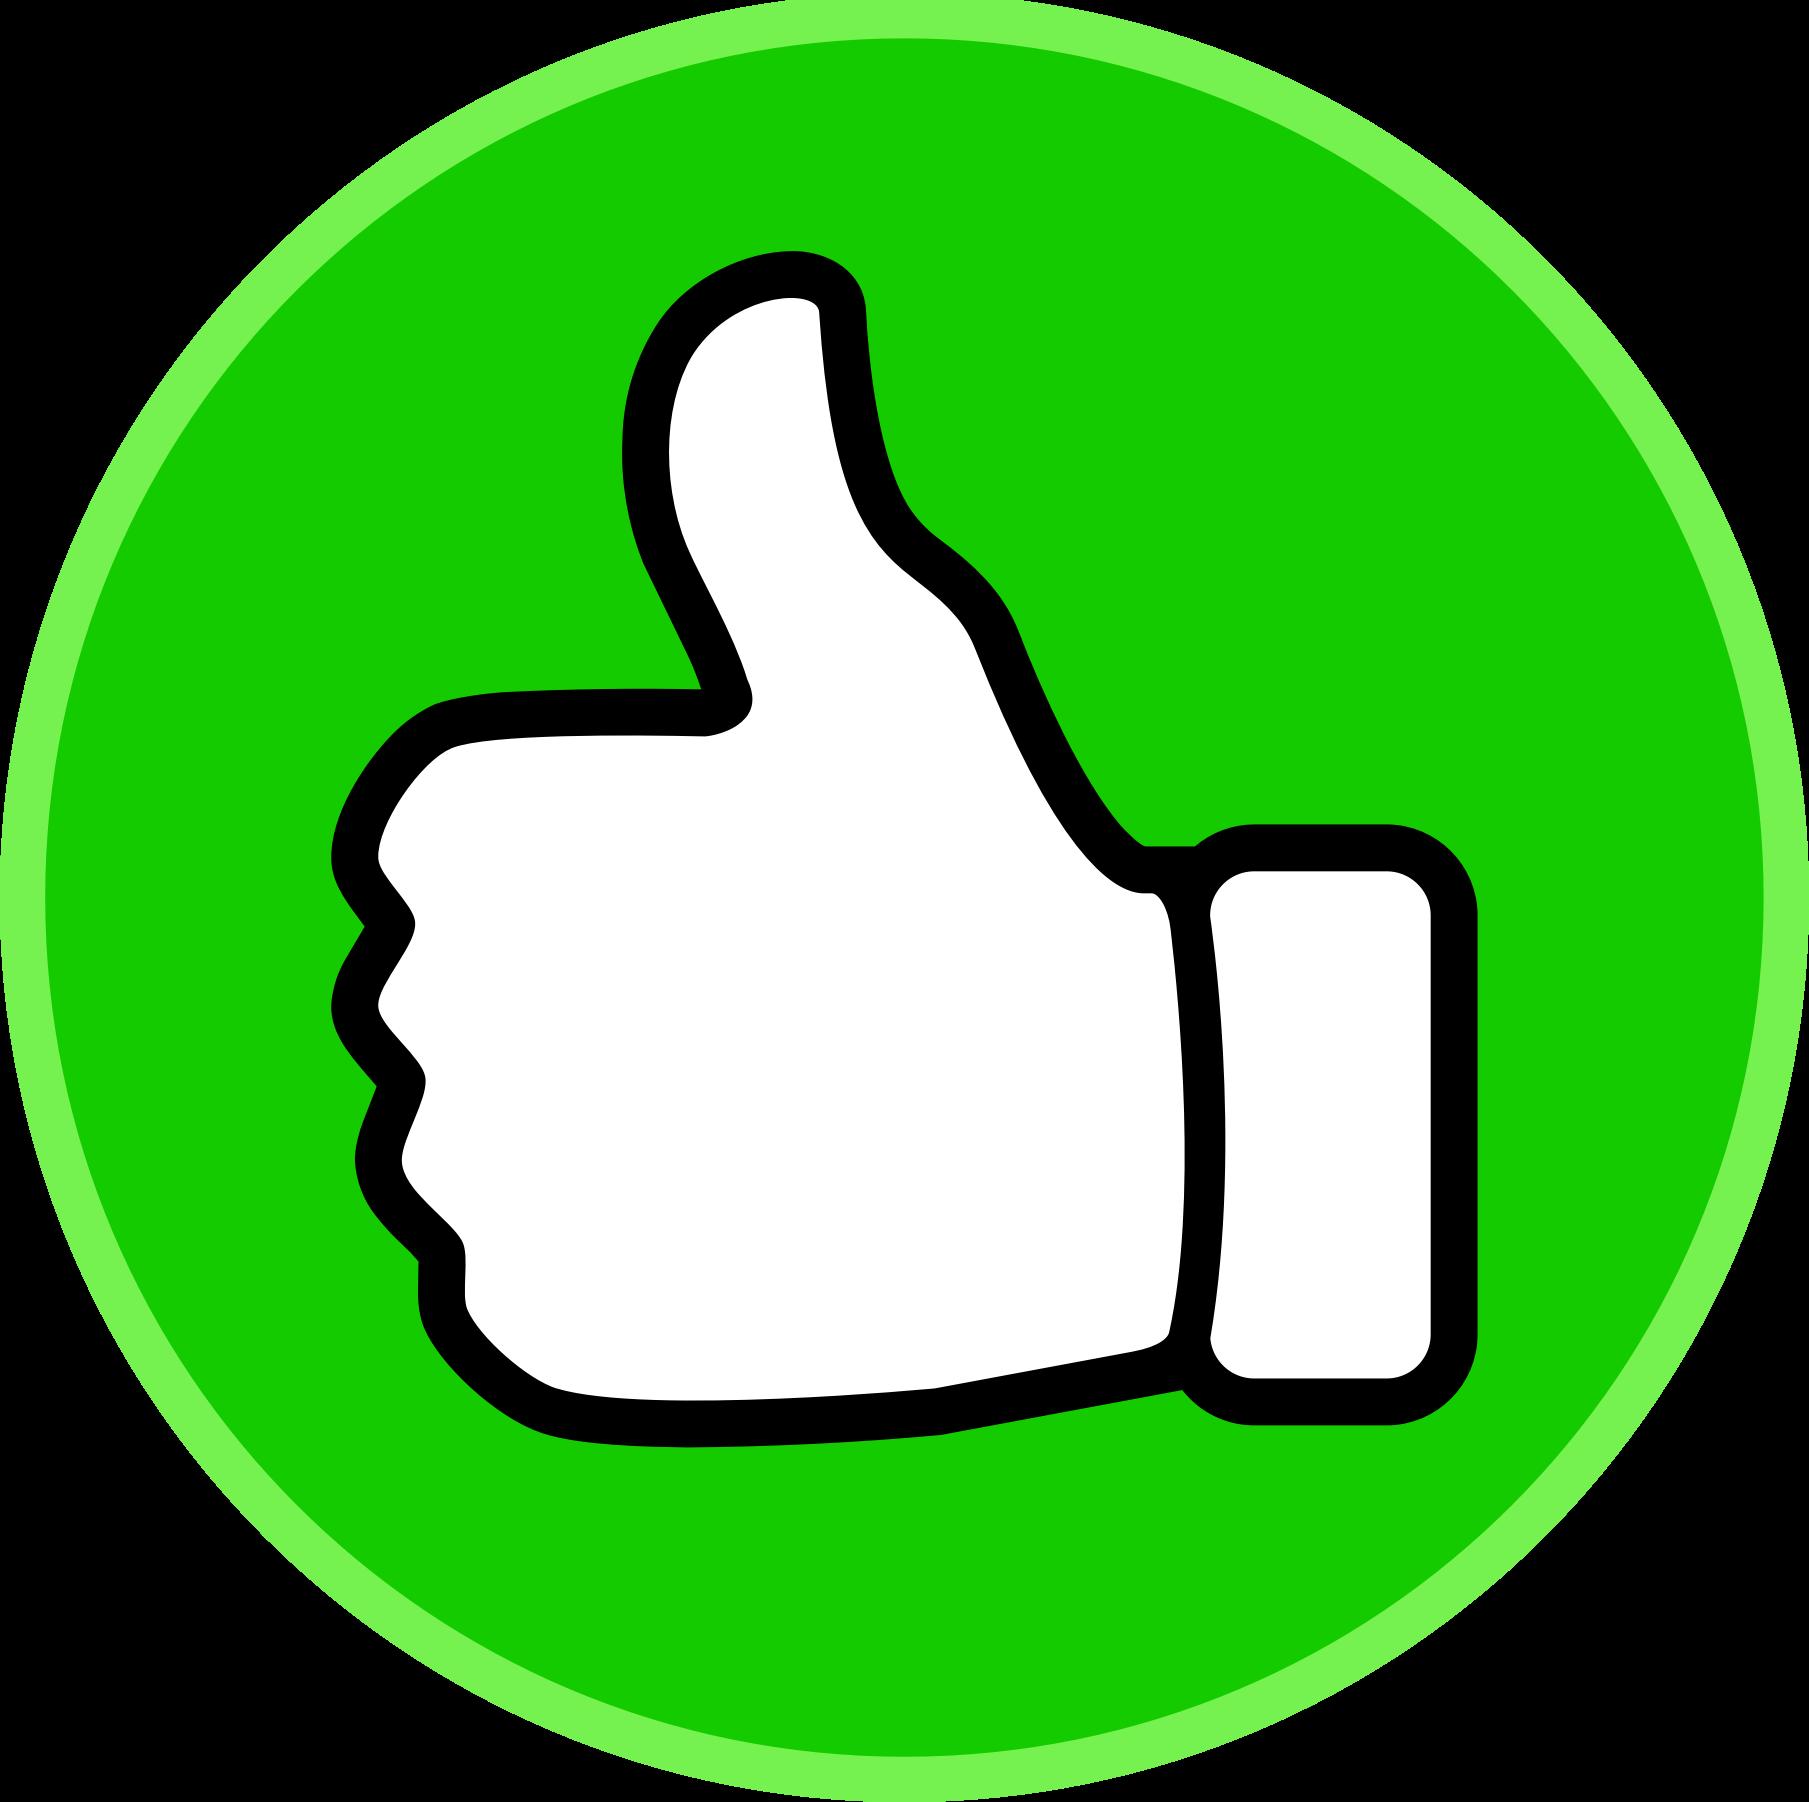 Thumbs-up-clipart-2 - SignatureSatori - manage your G ...